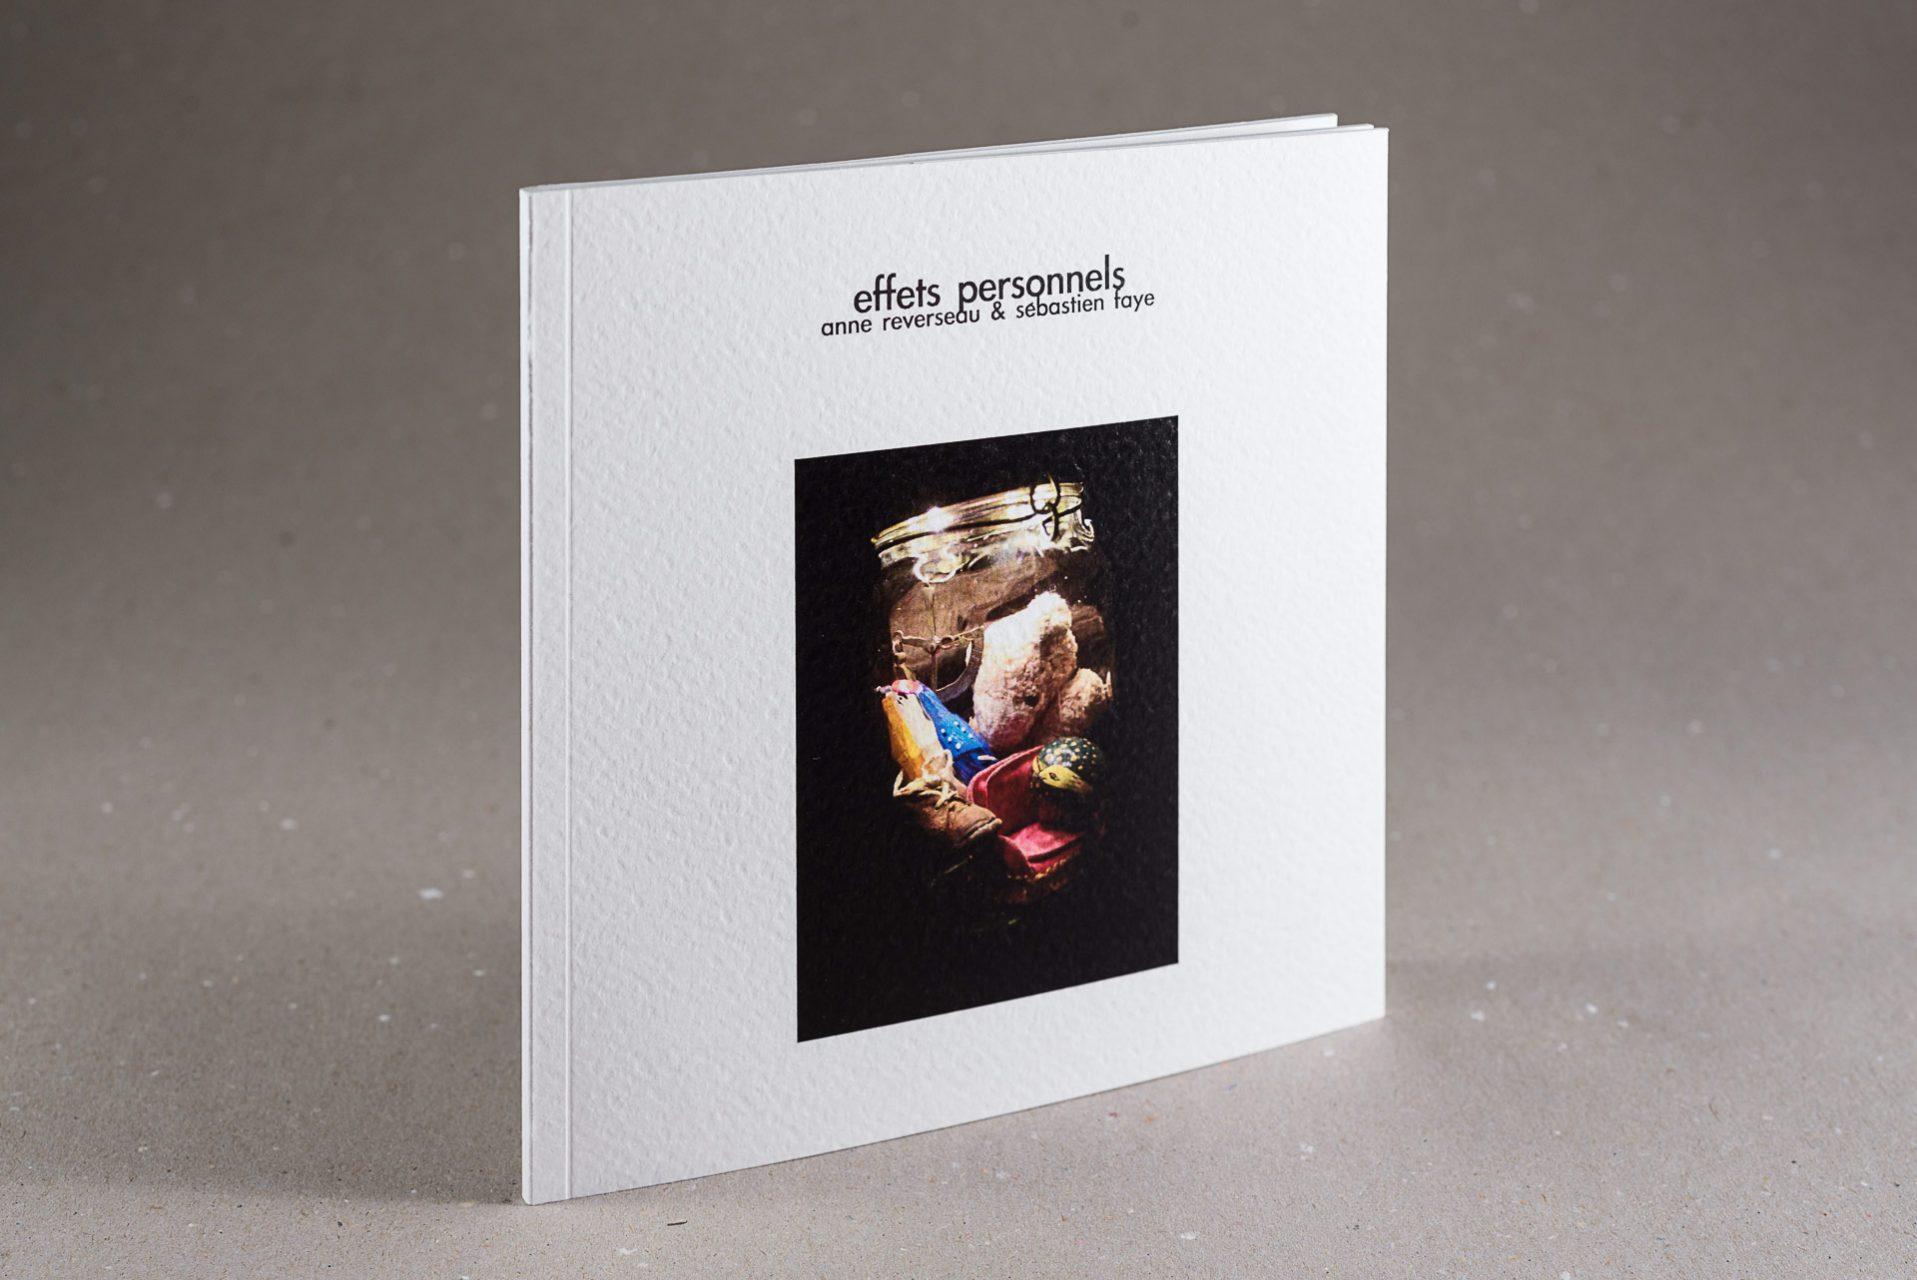 web-hd-nuit-myrtide-livre-effets-personnels-reverseau-faye-01